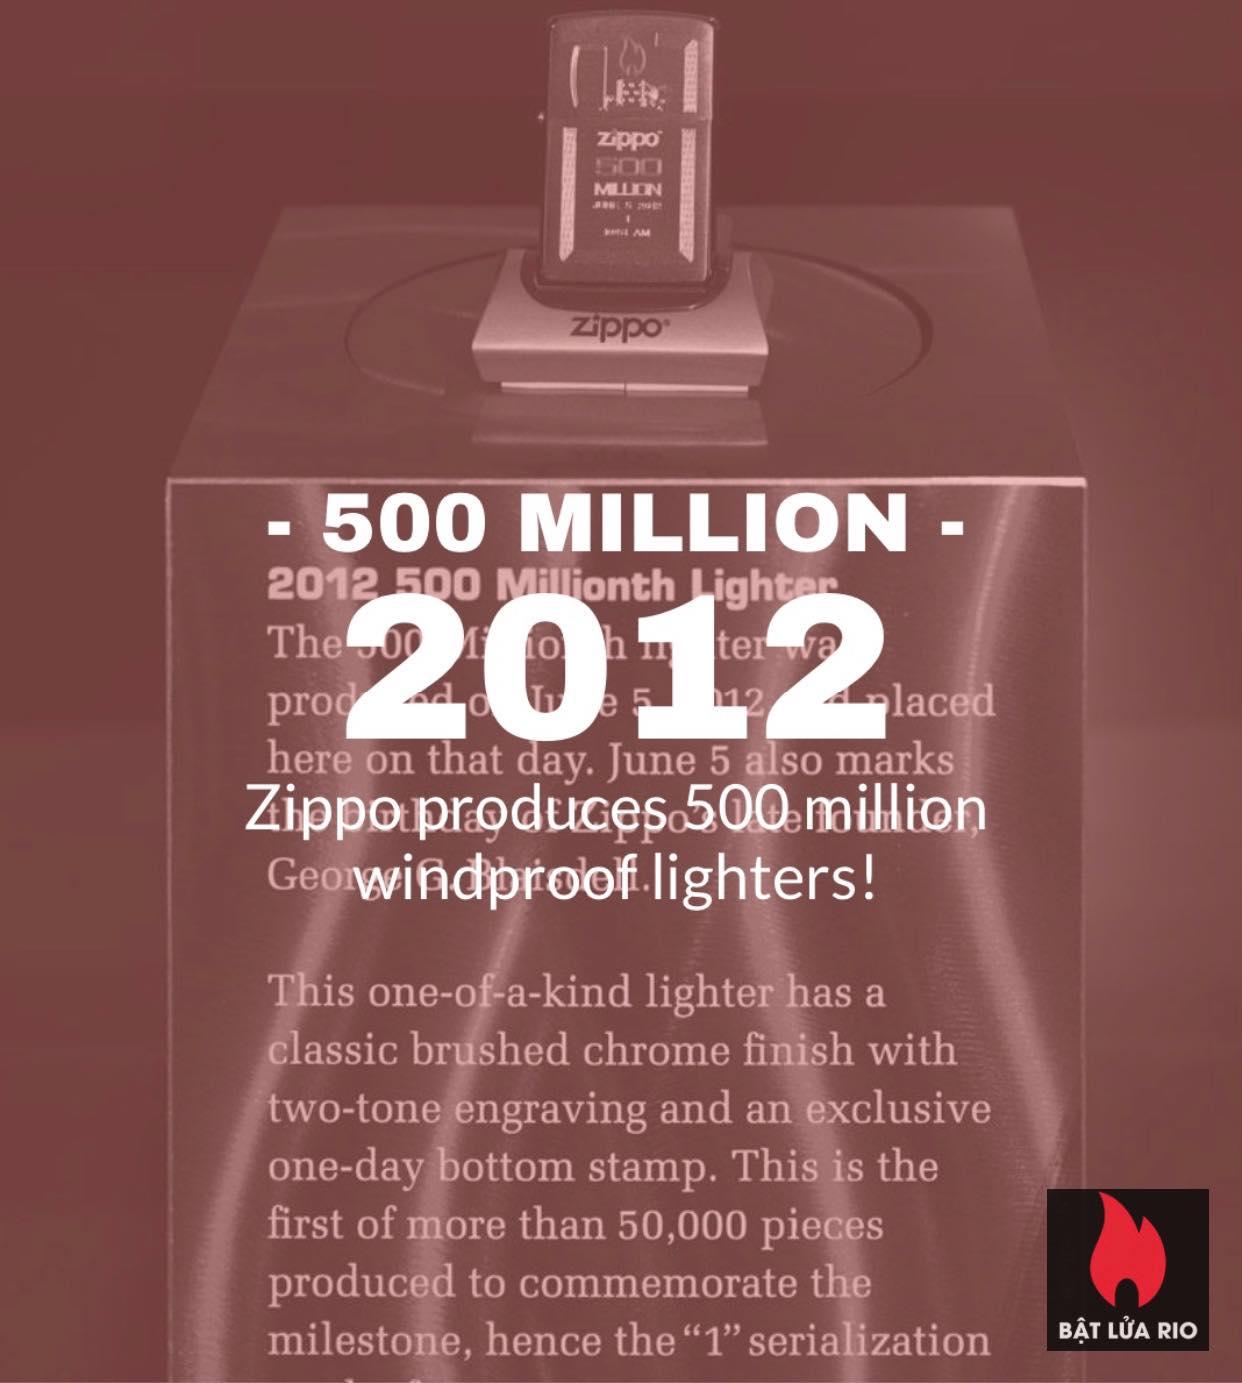 Chiếc bật lửa Zippo thứ 600 triệu trong lịch sử 16